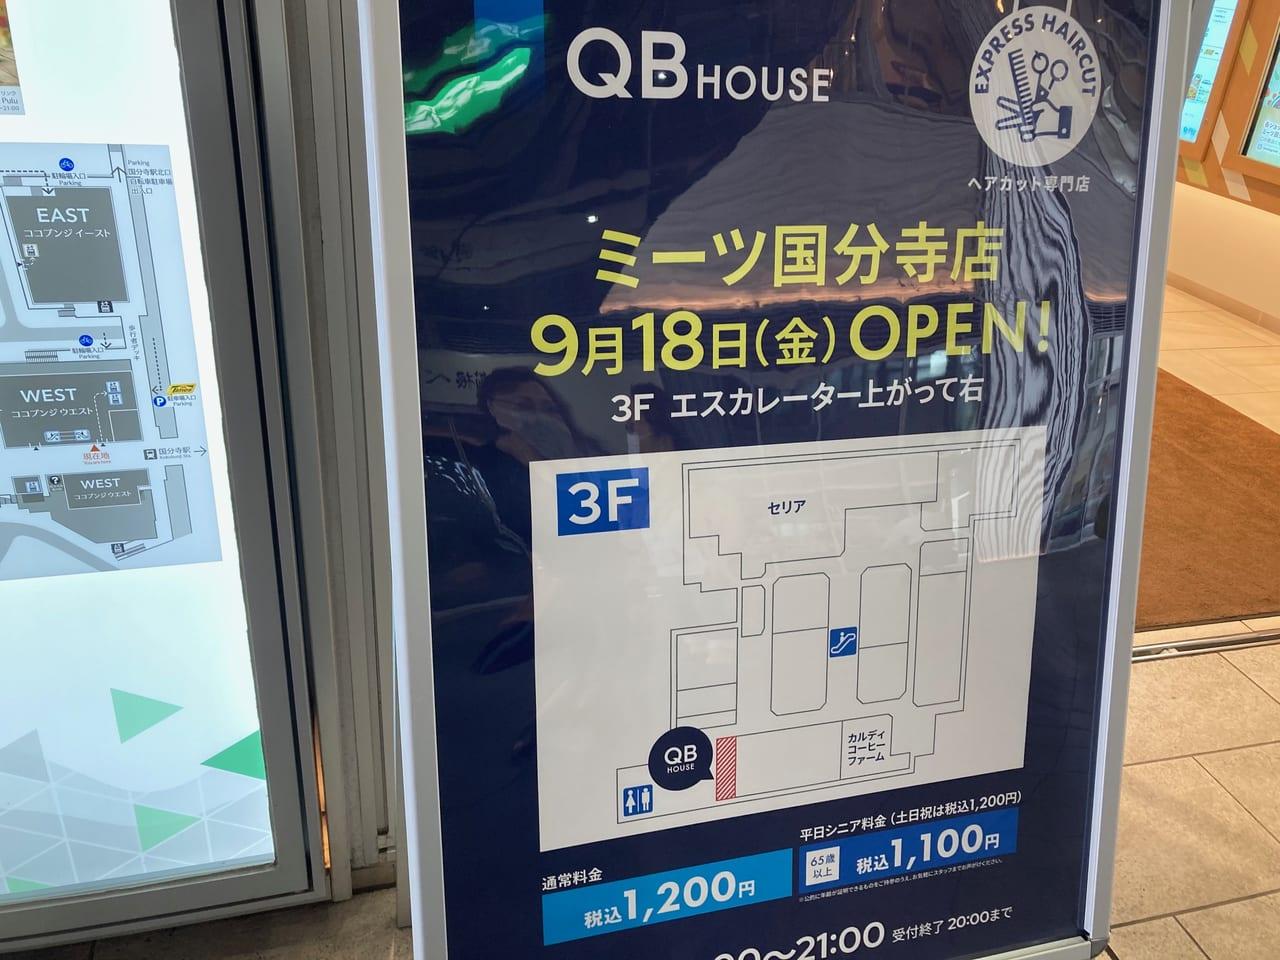 ヘアカット専門店『QB ハウス』がミーツ国分寺に9/18(金)オープン!10/20まで毎日先着50名にプレゼントも!